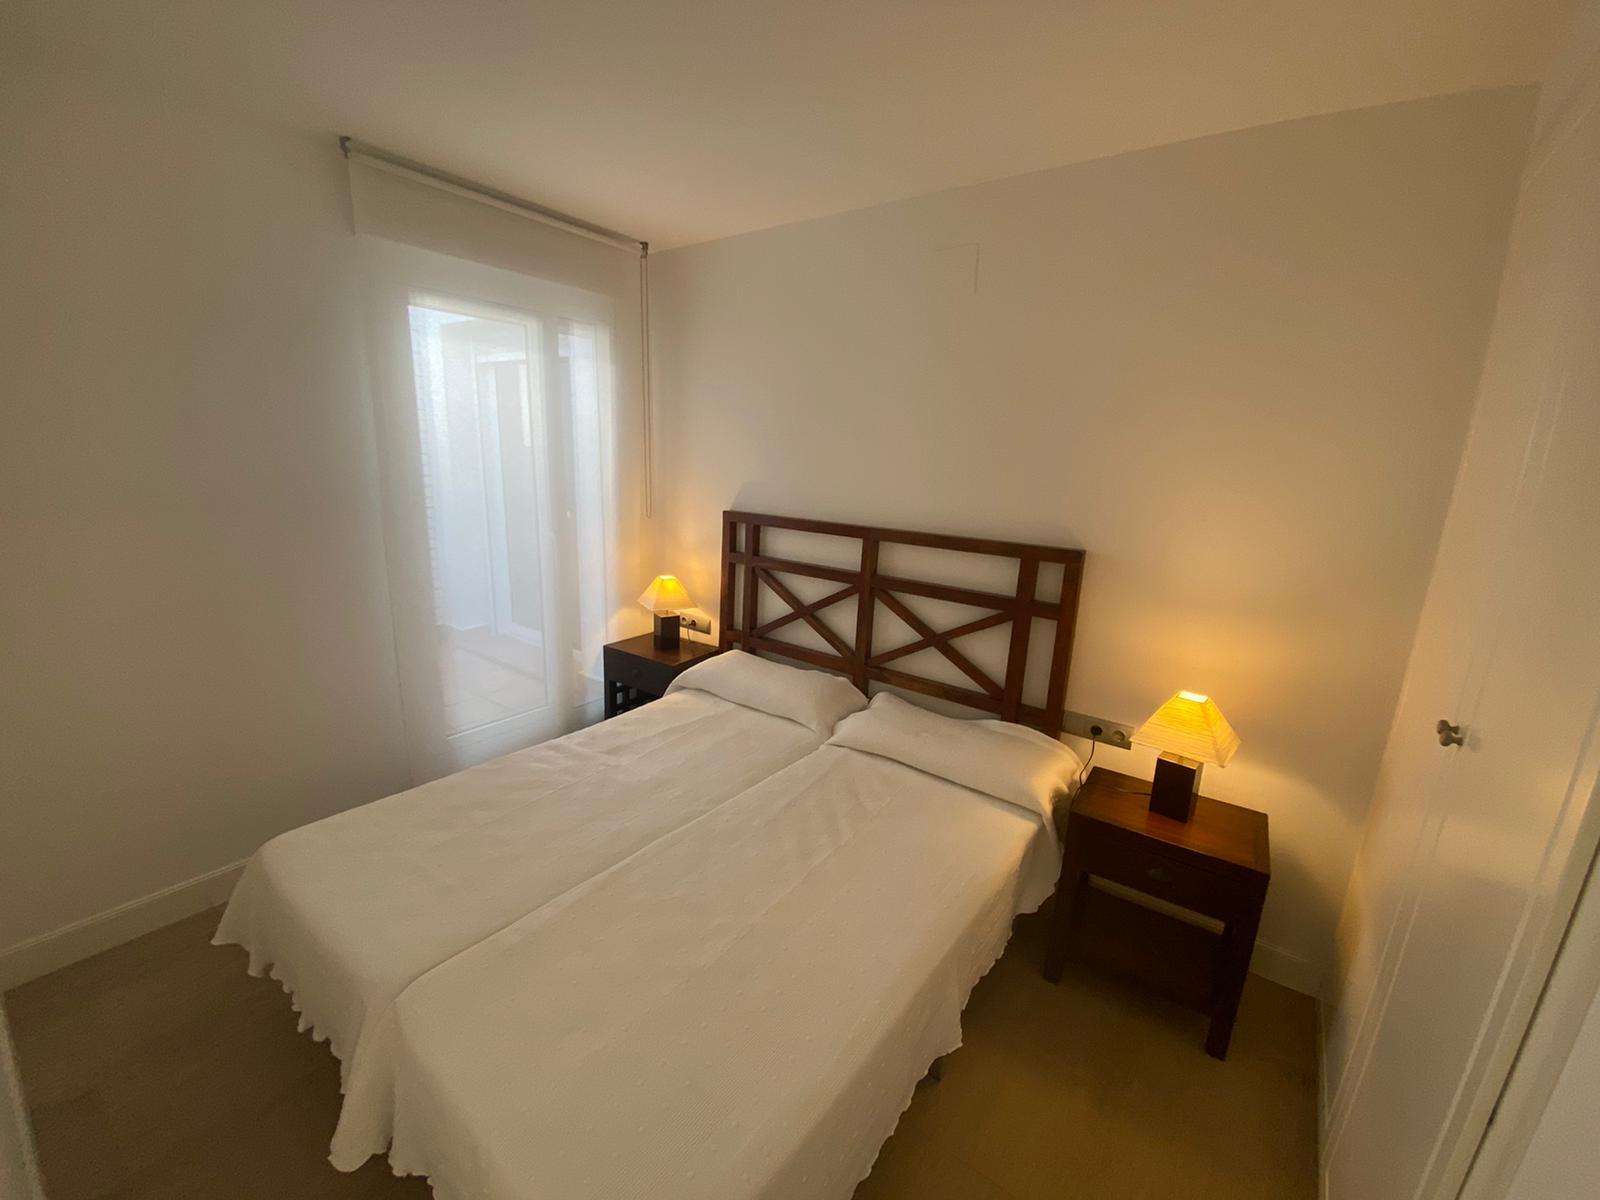 Imagen 39 del Apartamento Turístico, Ático 1 Levante (3d+2b), Punta del Moral (HUELVA), Paseo de la Cruz nº22